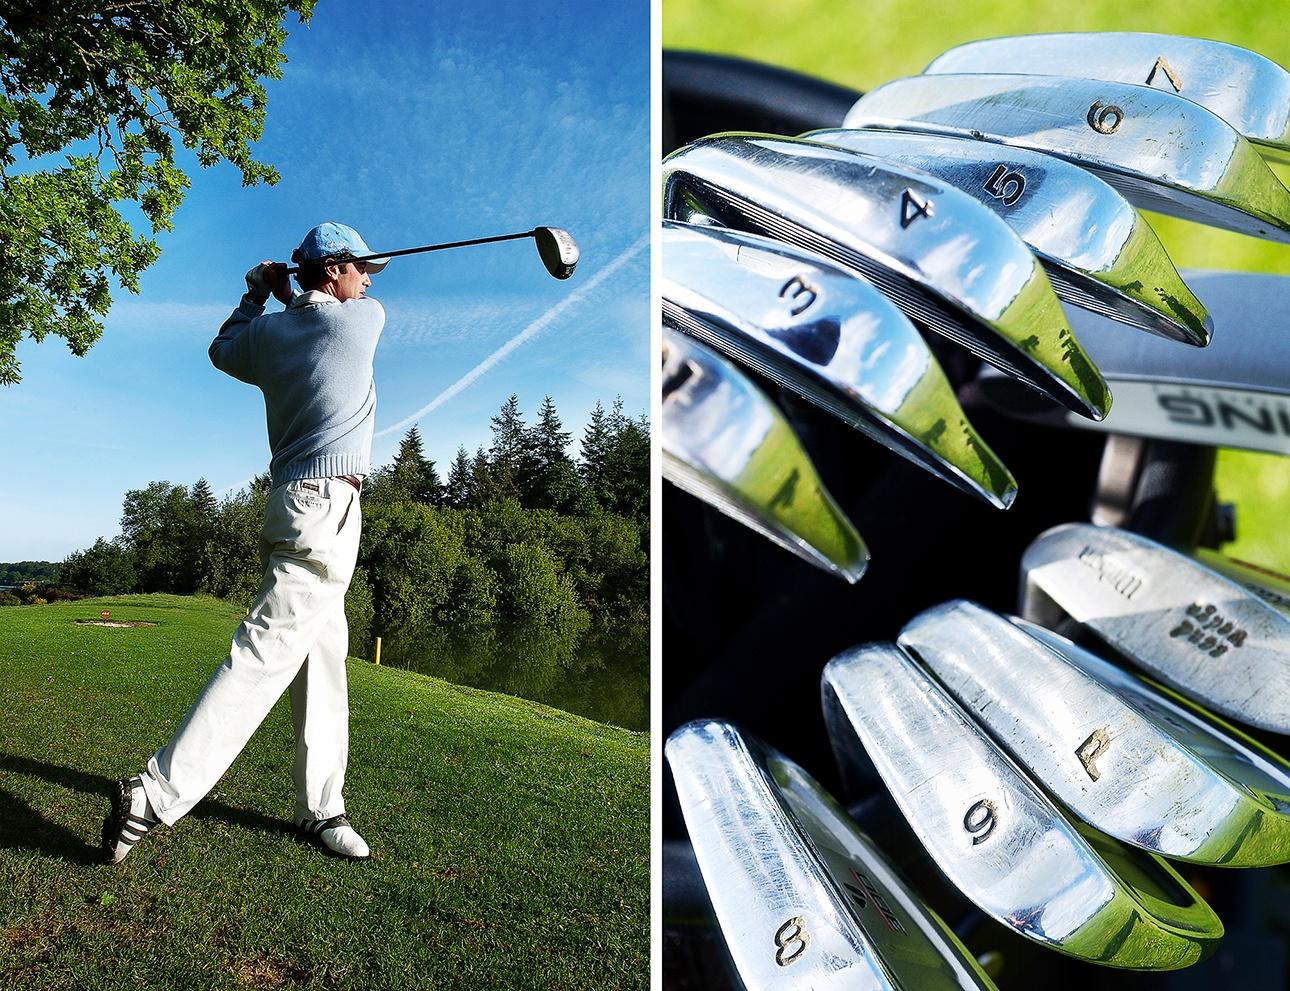 image d'un joueur de golf en plein swing sur le parcours